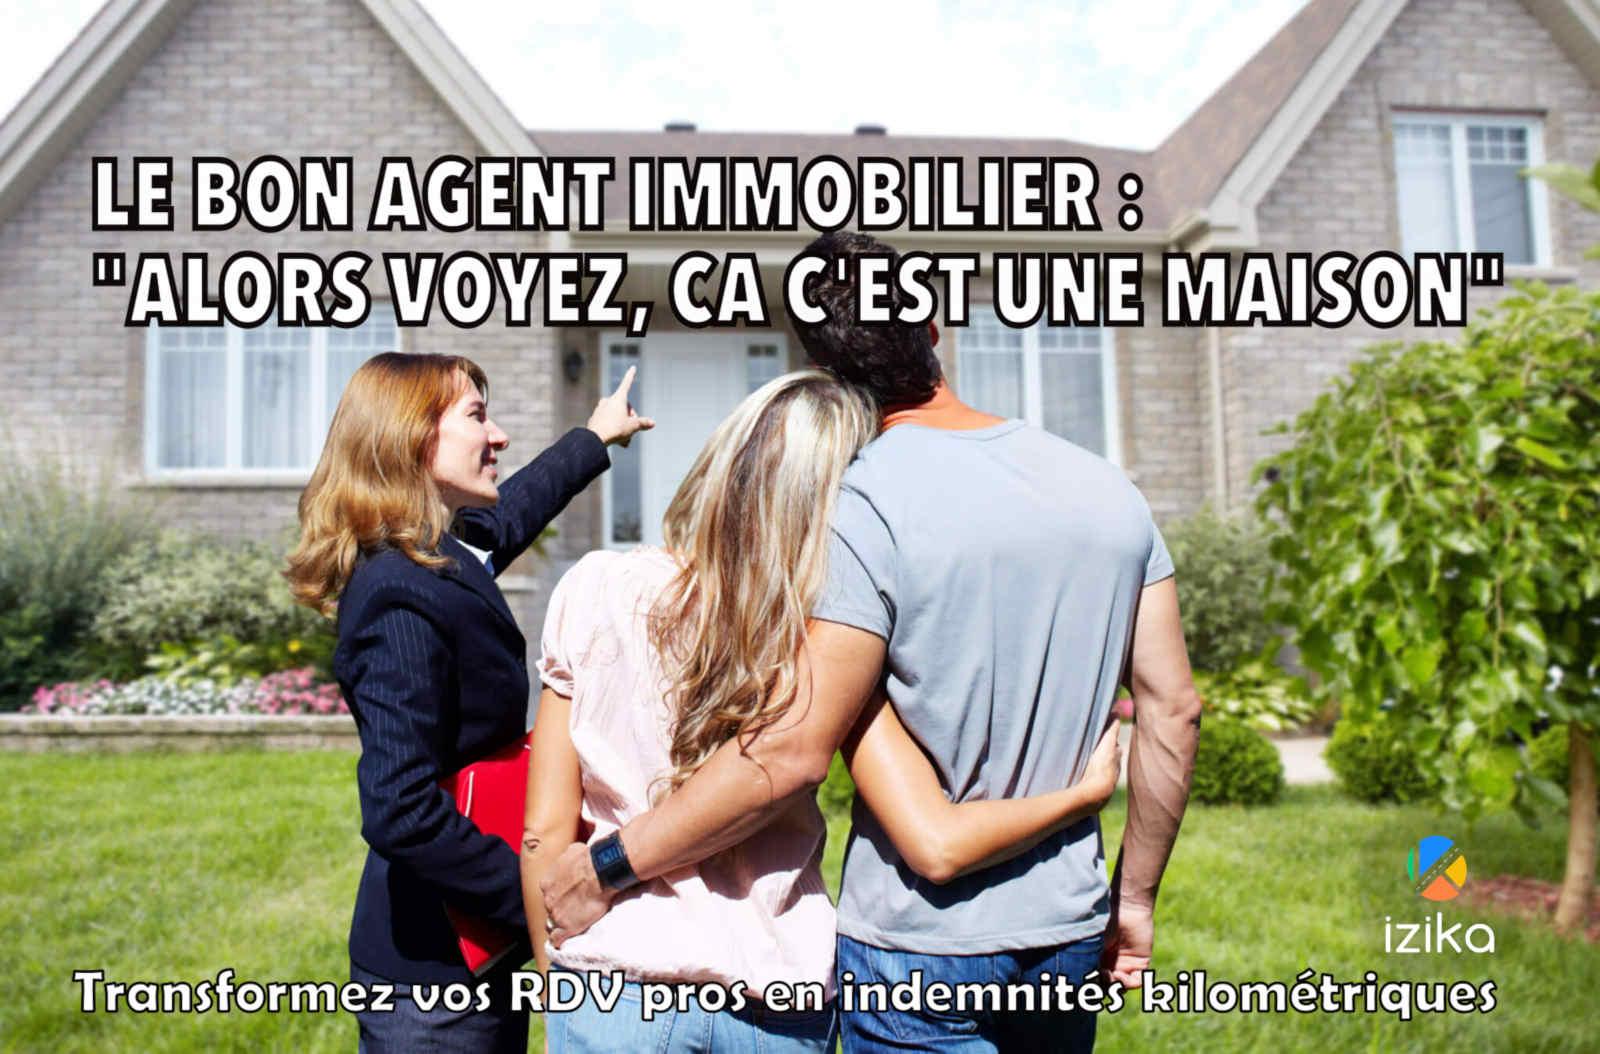 Le bon agent immobilier : qualités requises